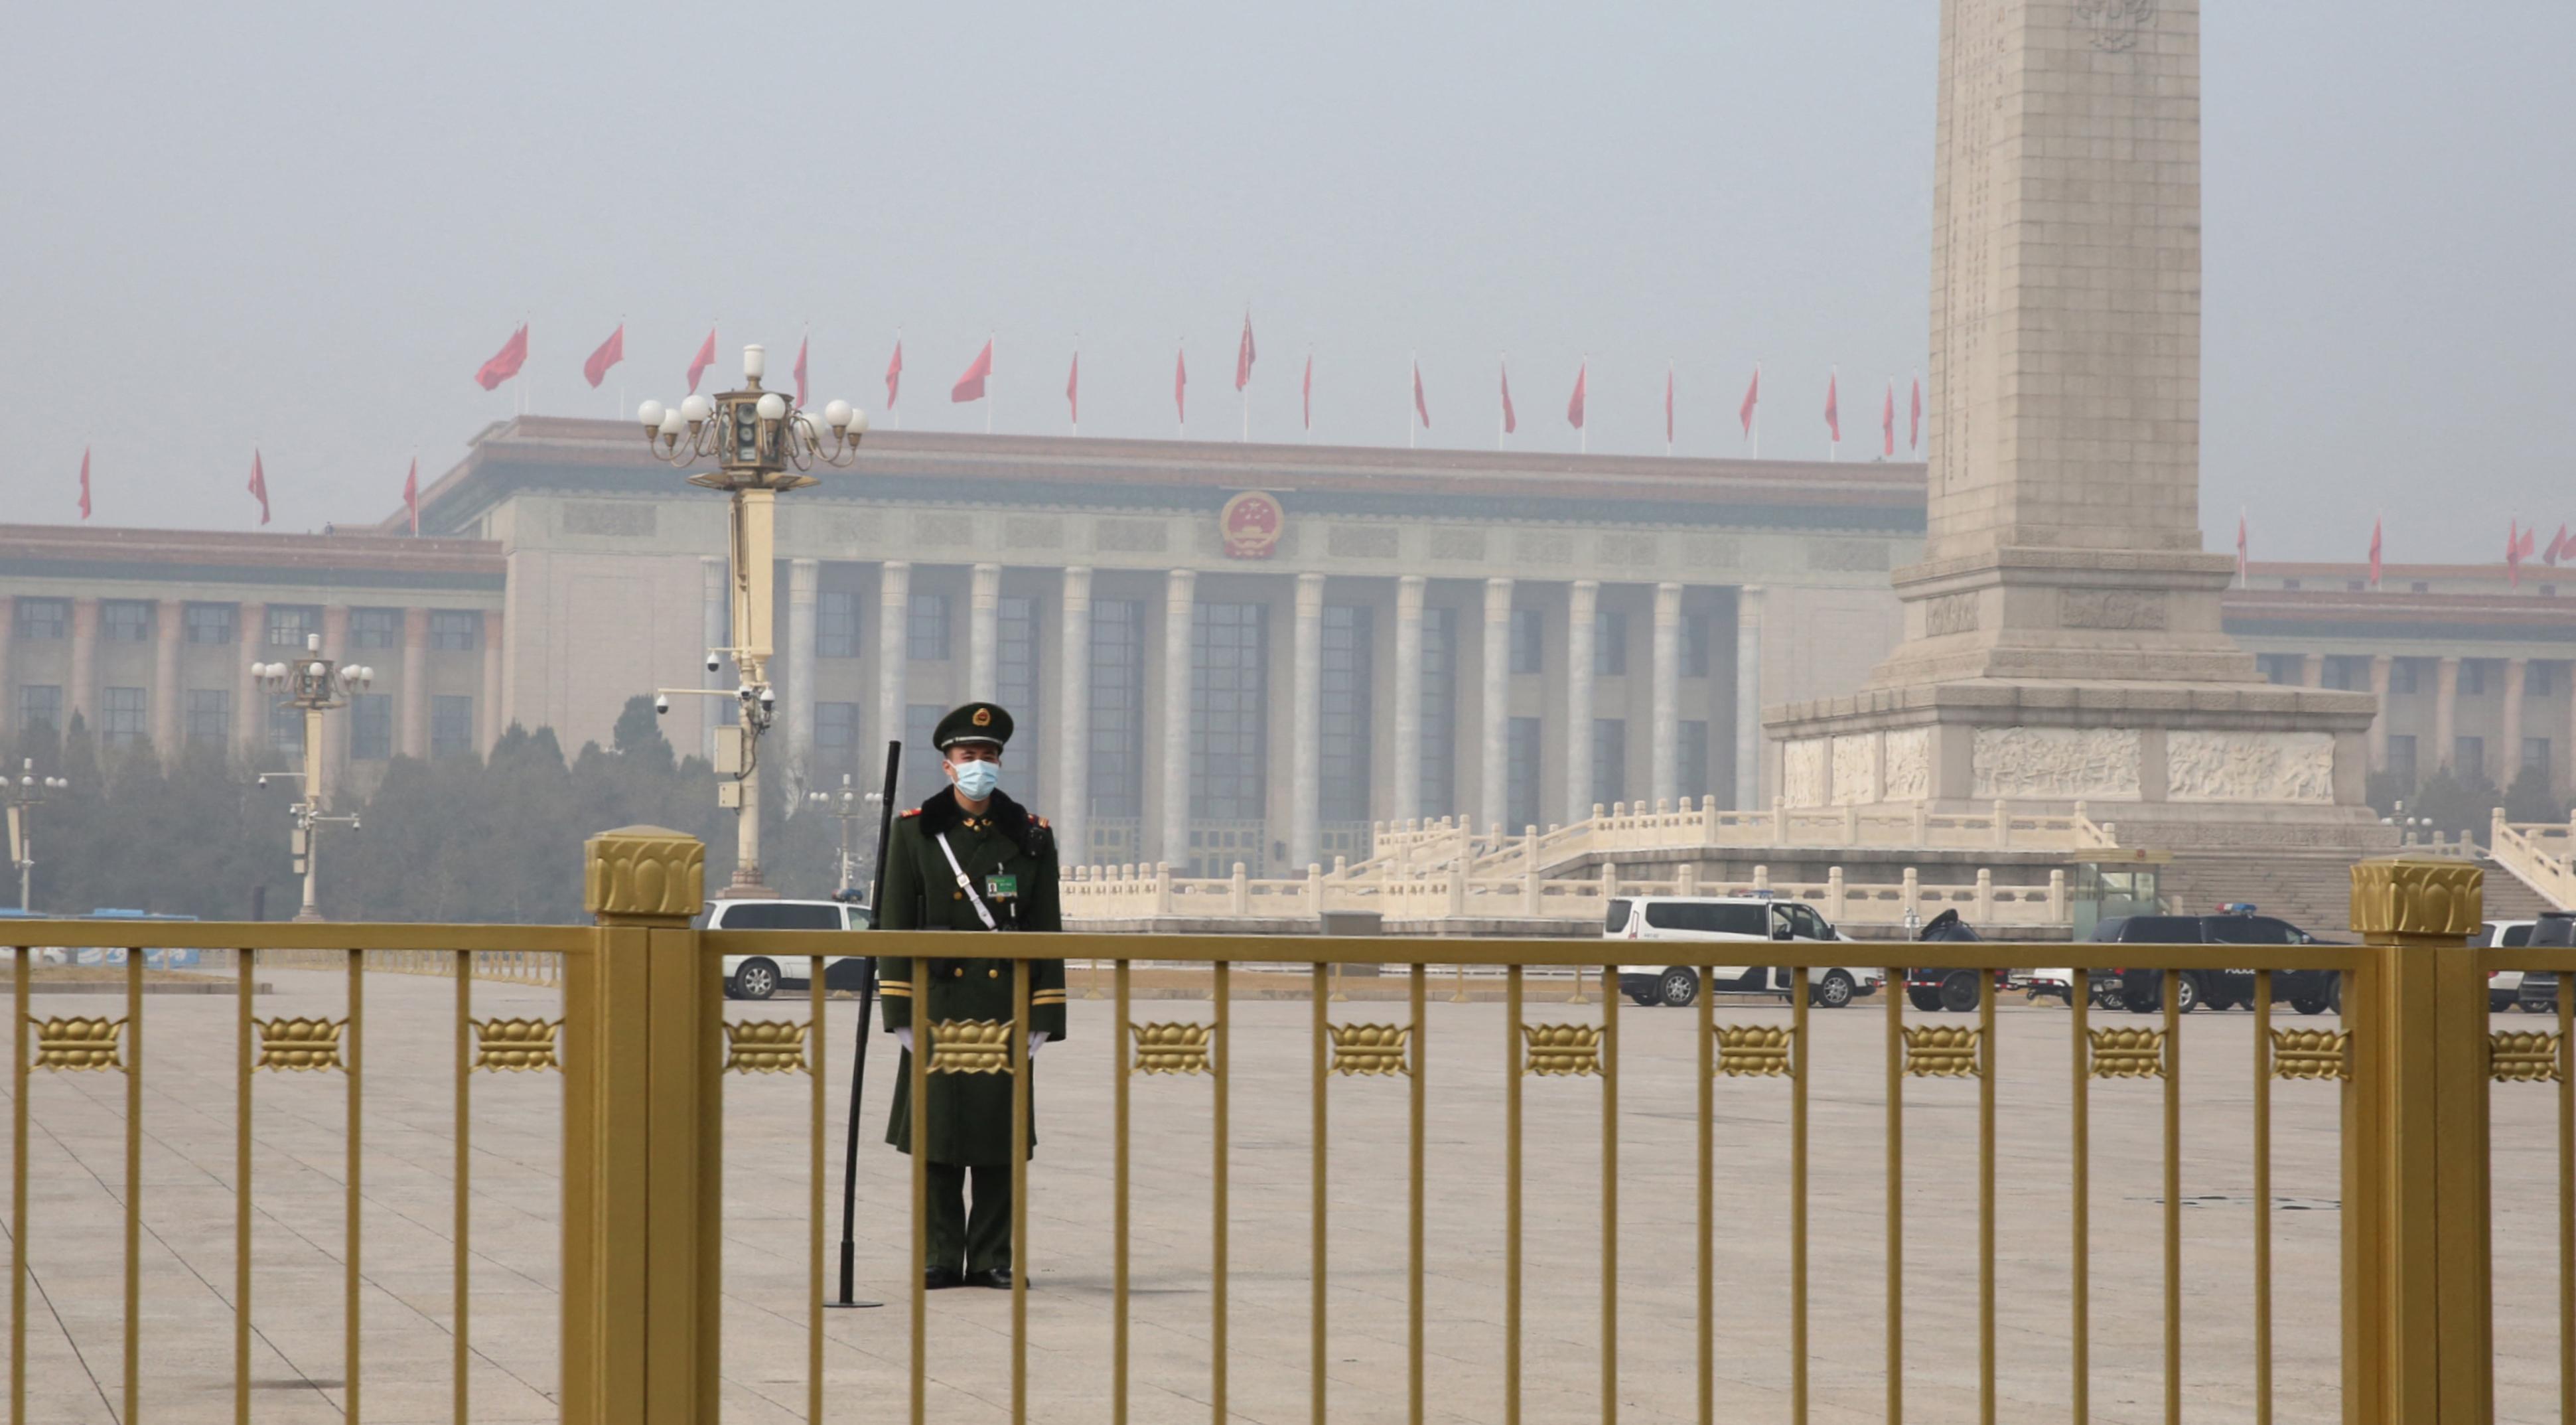 Kína szankciókat vet ki a kínaiak ellen szankciókat kivető nyugatiakkal szemben